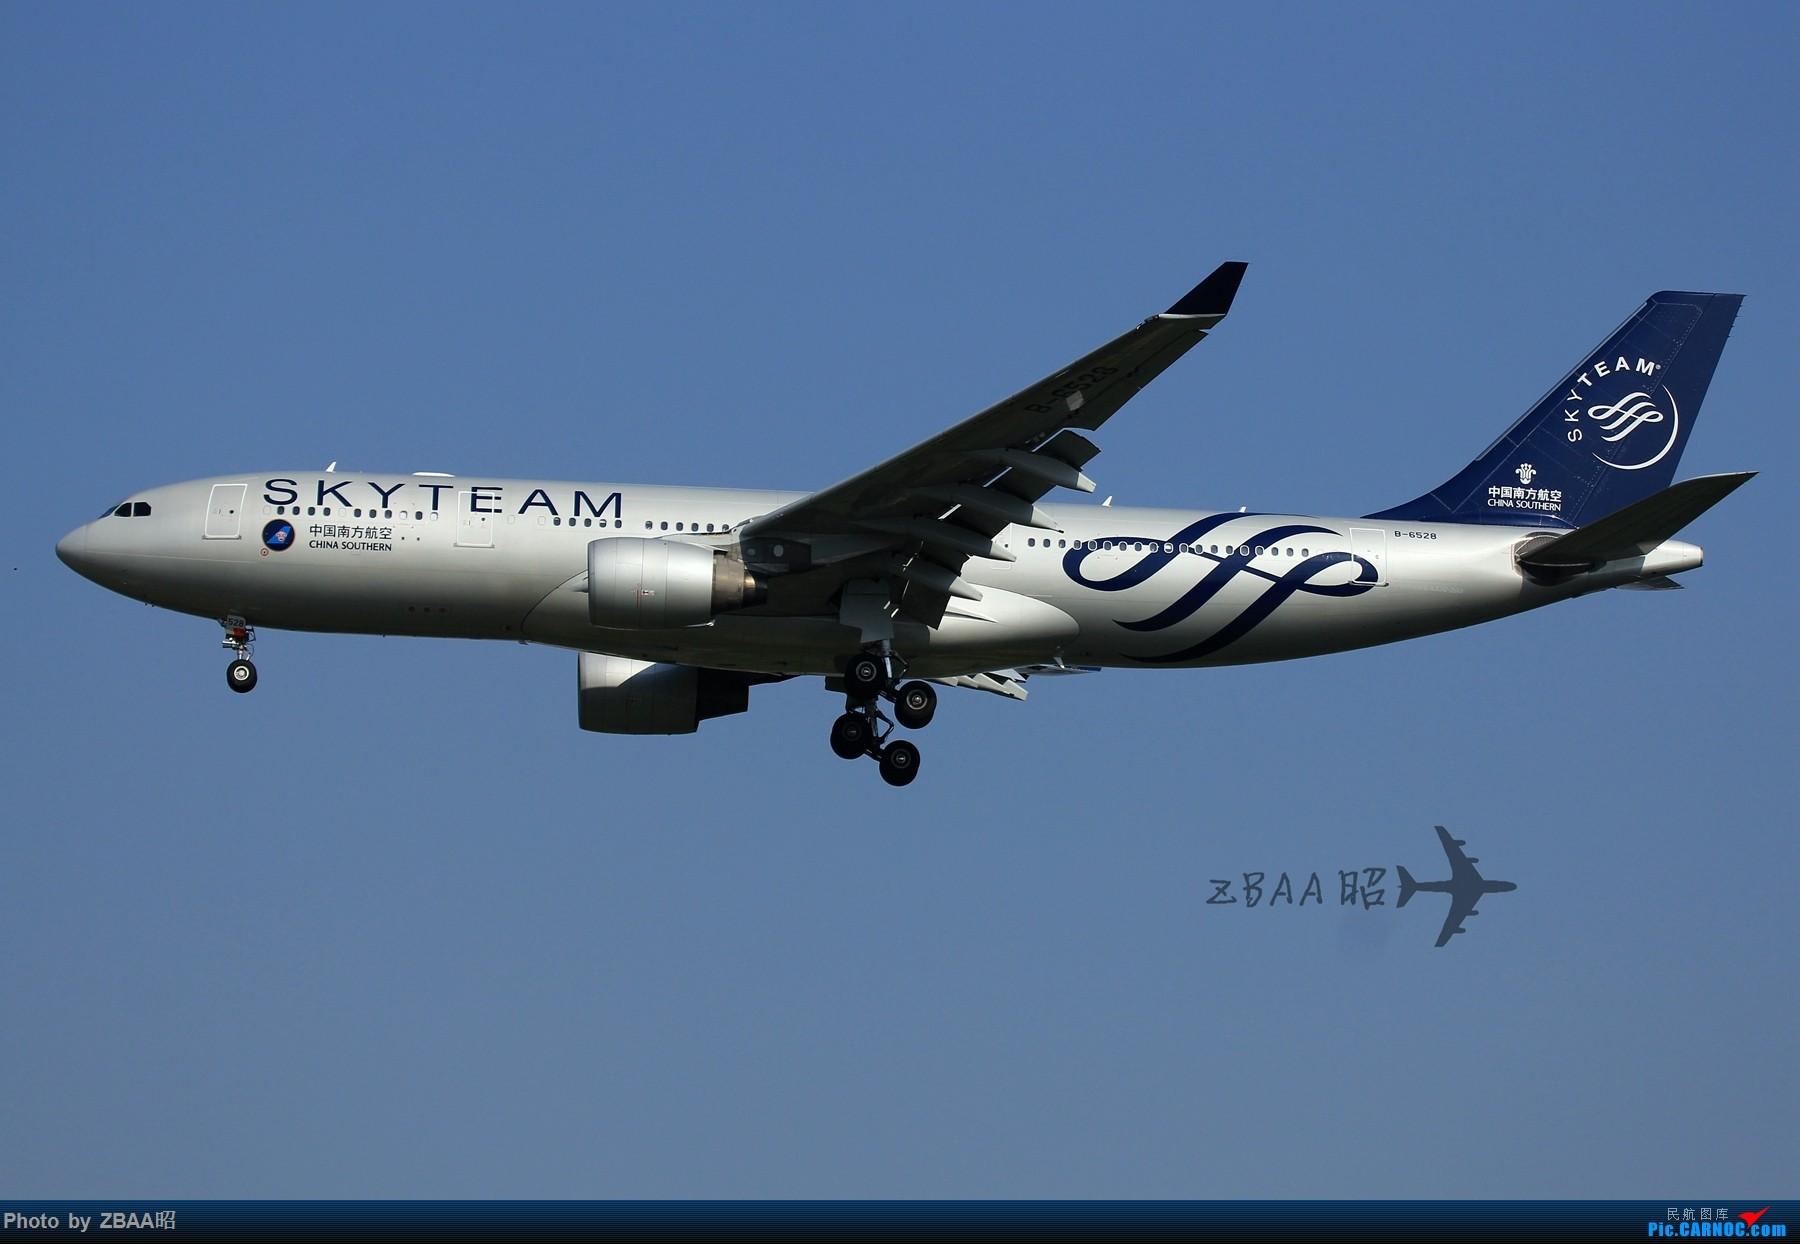 [原创]今日ZBAA 36R跑道接连三枚好货:南航天合 越南772 美联772星星 AIRBUS A330-200 B-6528 中国北京首都国际机场